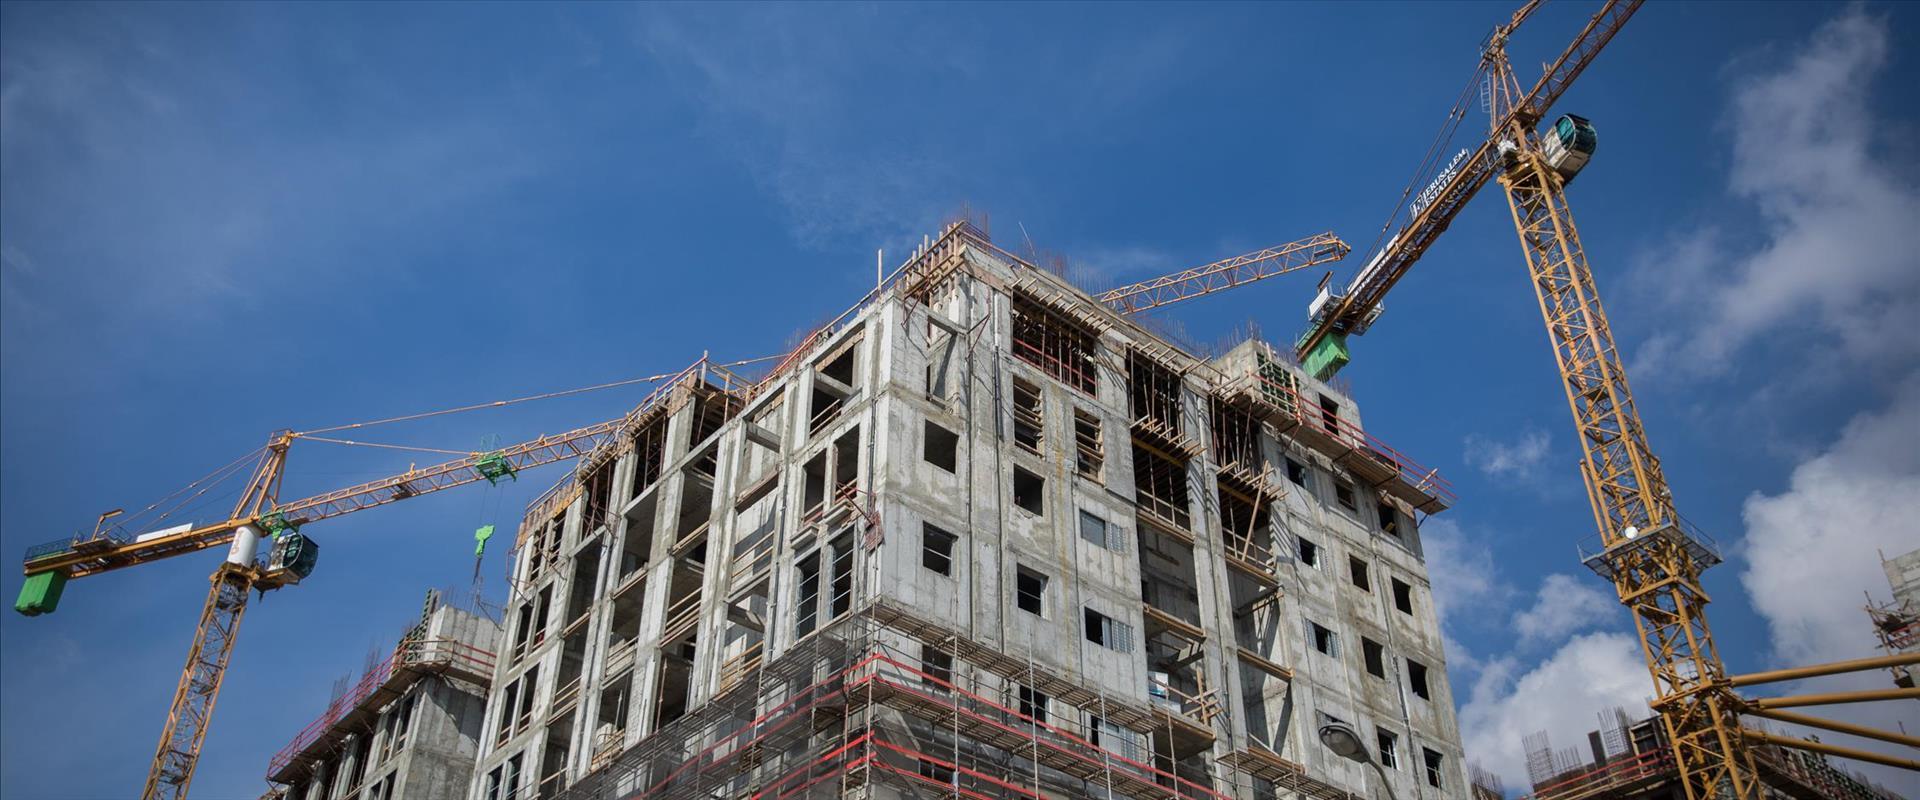 בנייה בירושלים, אילוסטרציה